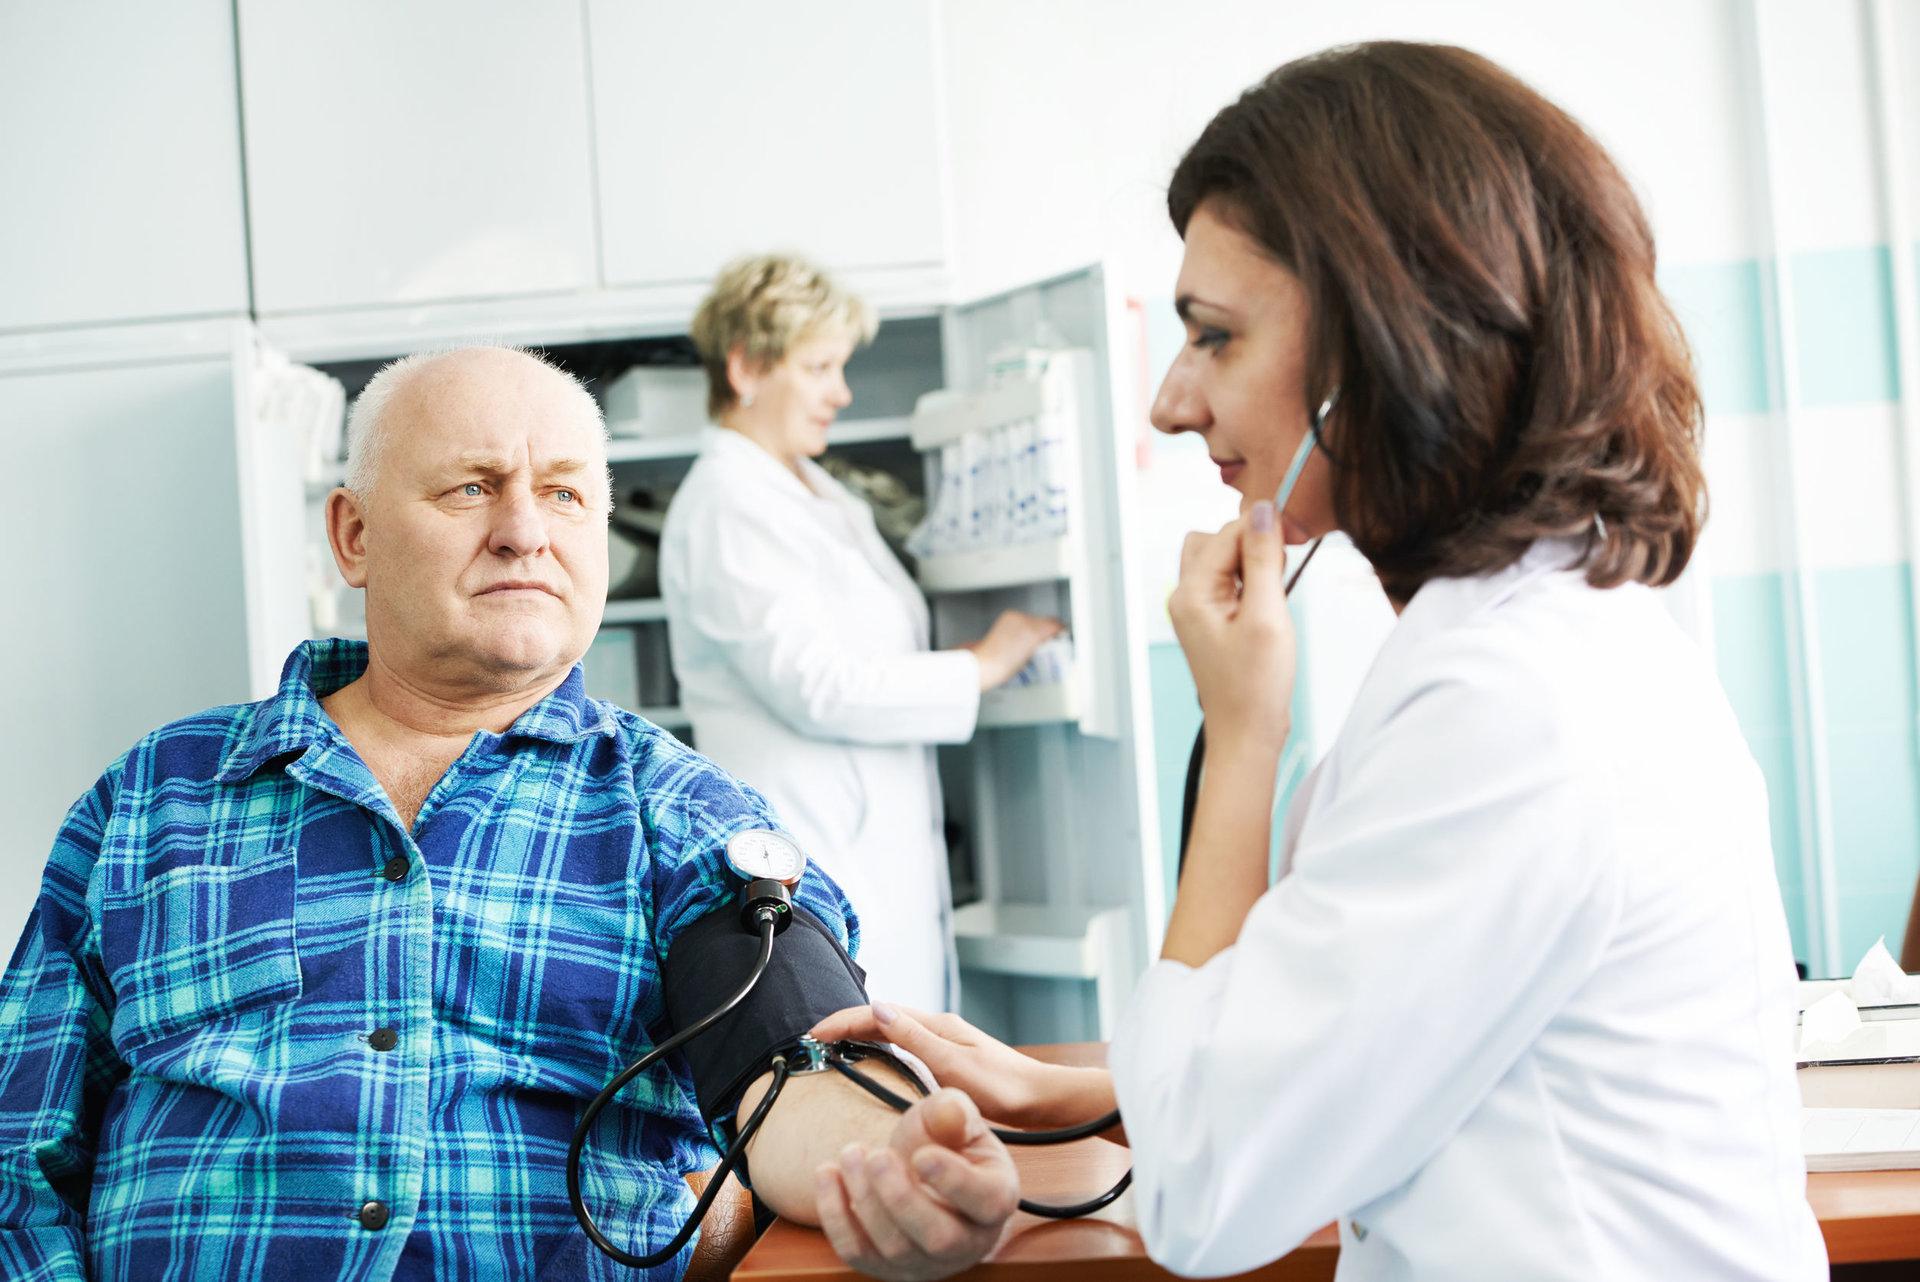 perduoti gyventi sveikai apie hipertenziją